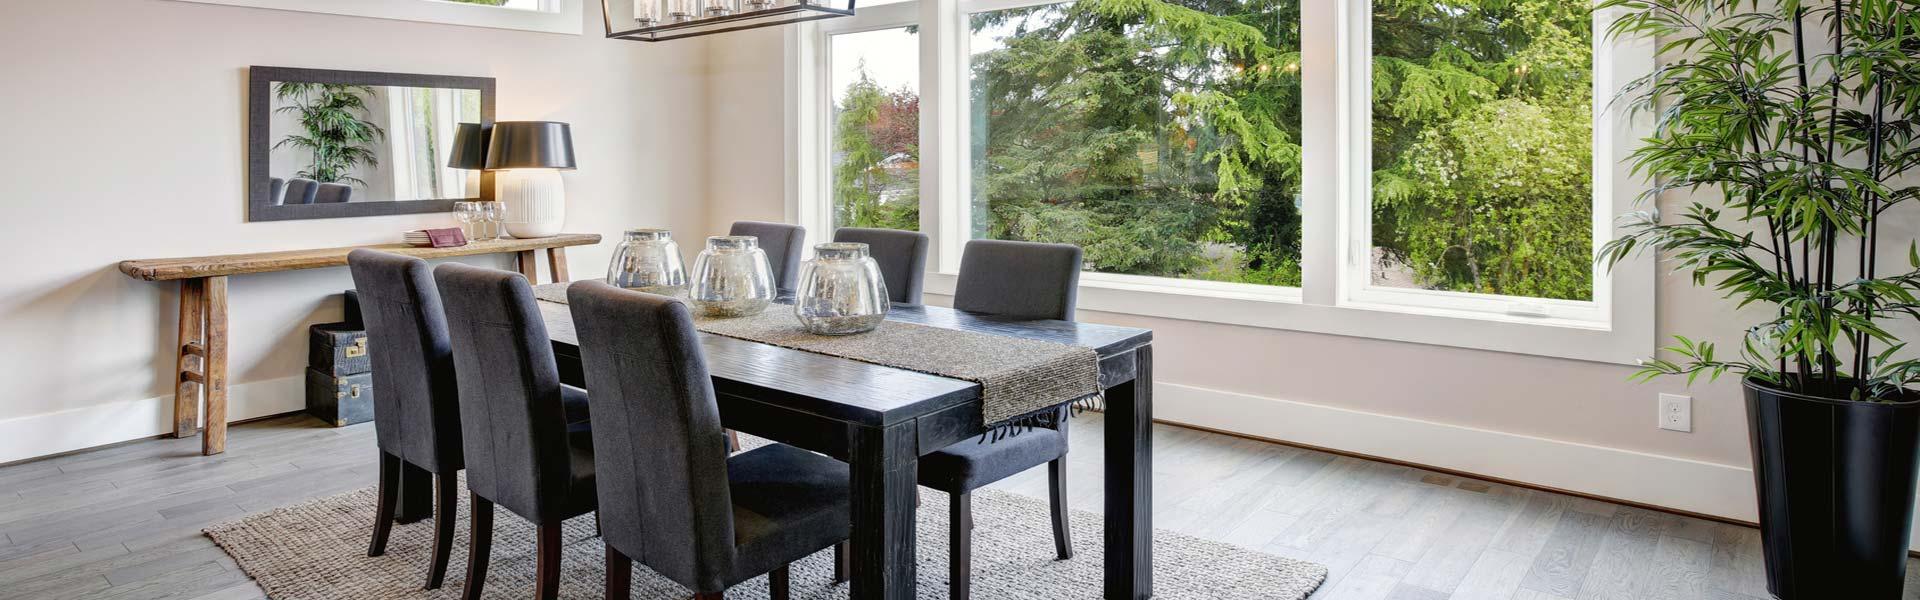 SIX | markenmöbel - Esszimmerstühle mit dem besonderen Etwas